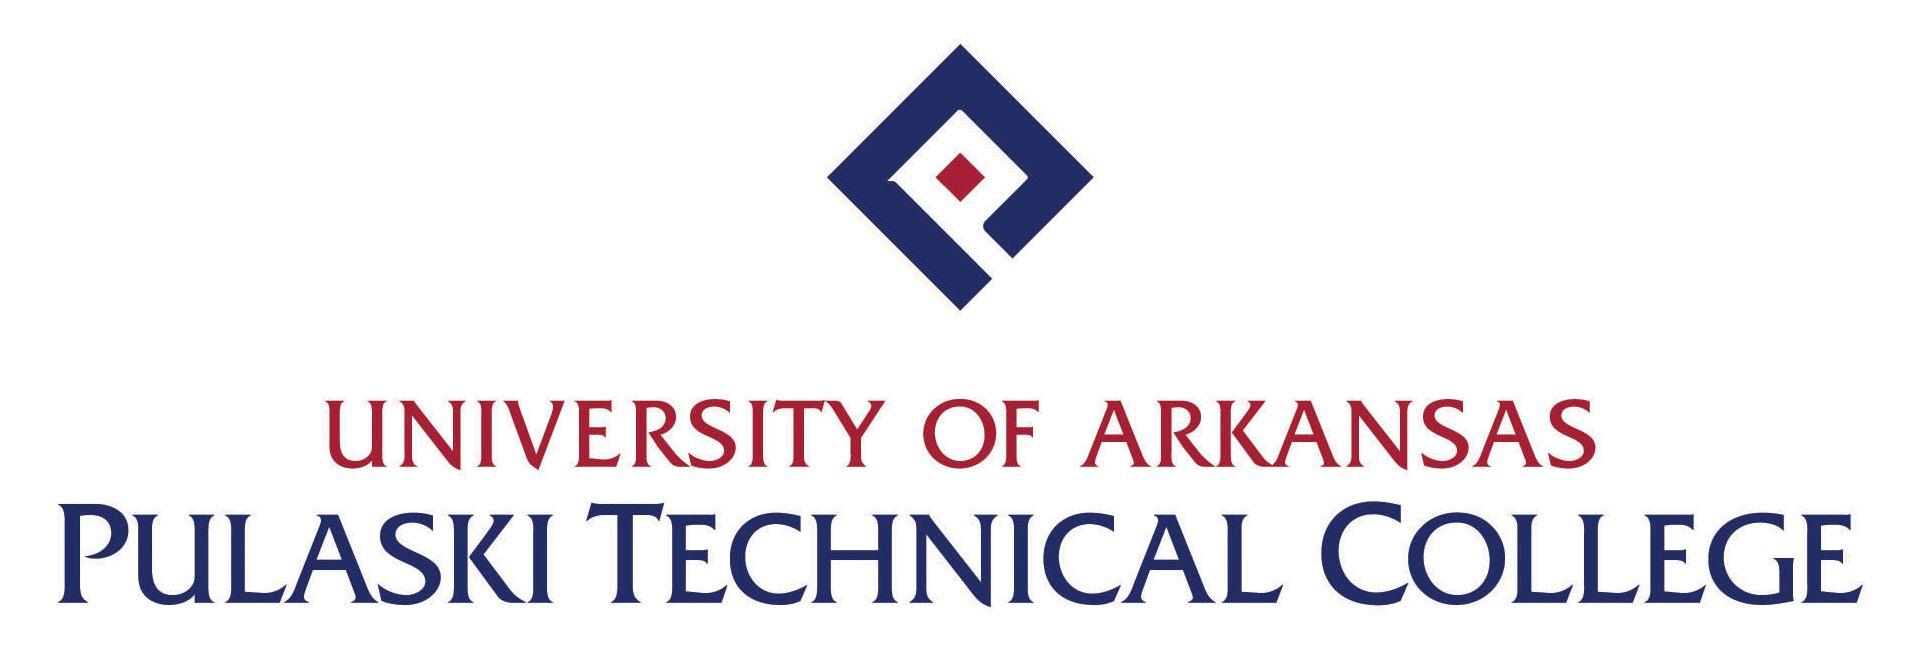 Pulaski Technical College (UA) | District 6: Pulaski, AR